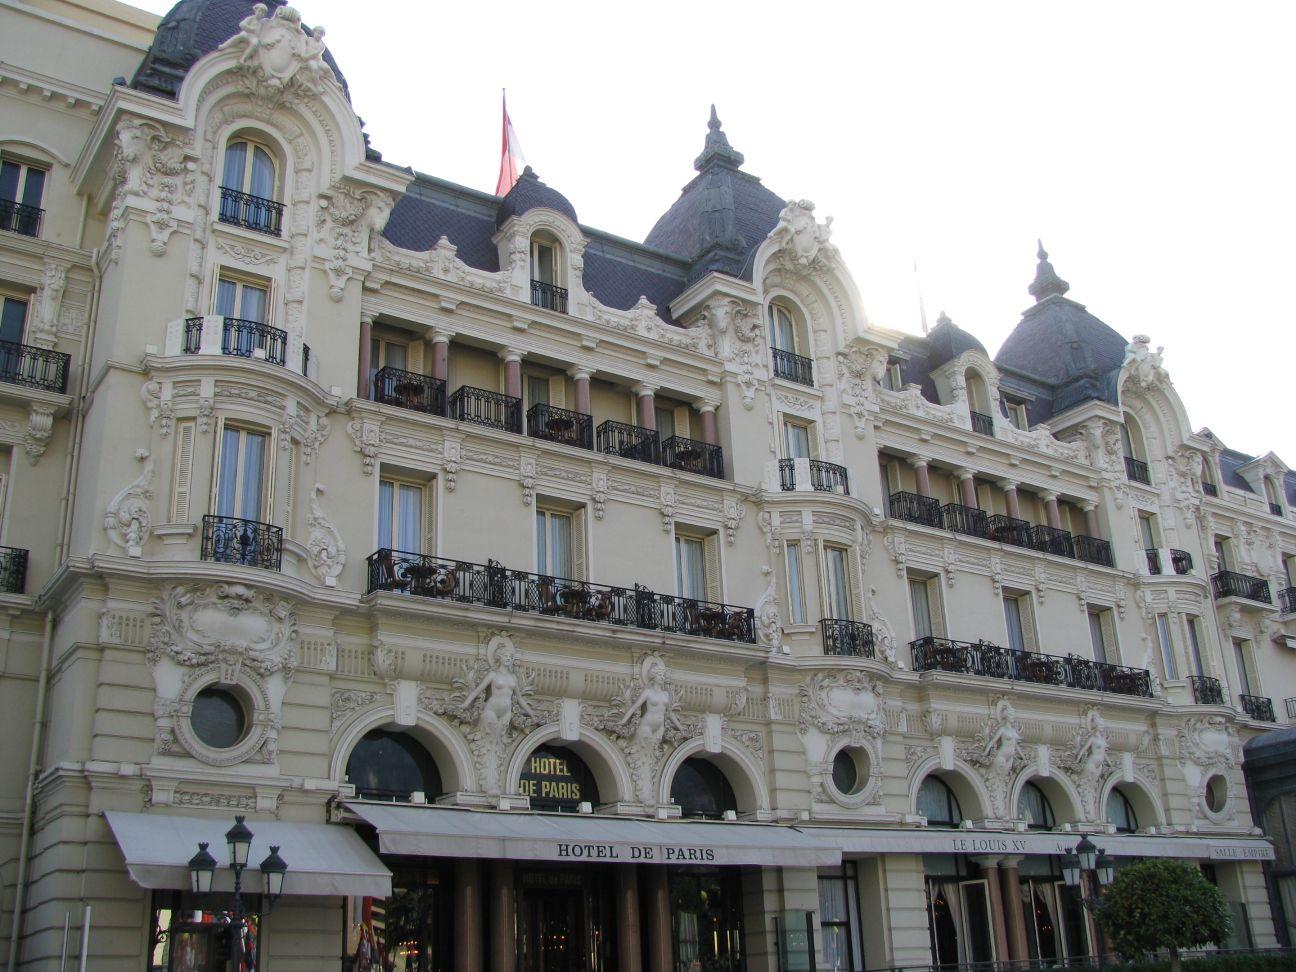 Appart hôtel Paris : comment adhérer ?